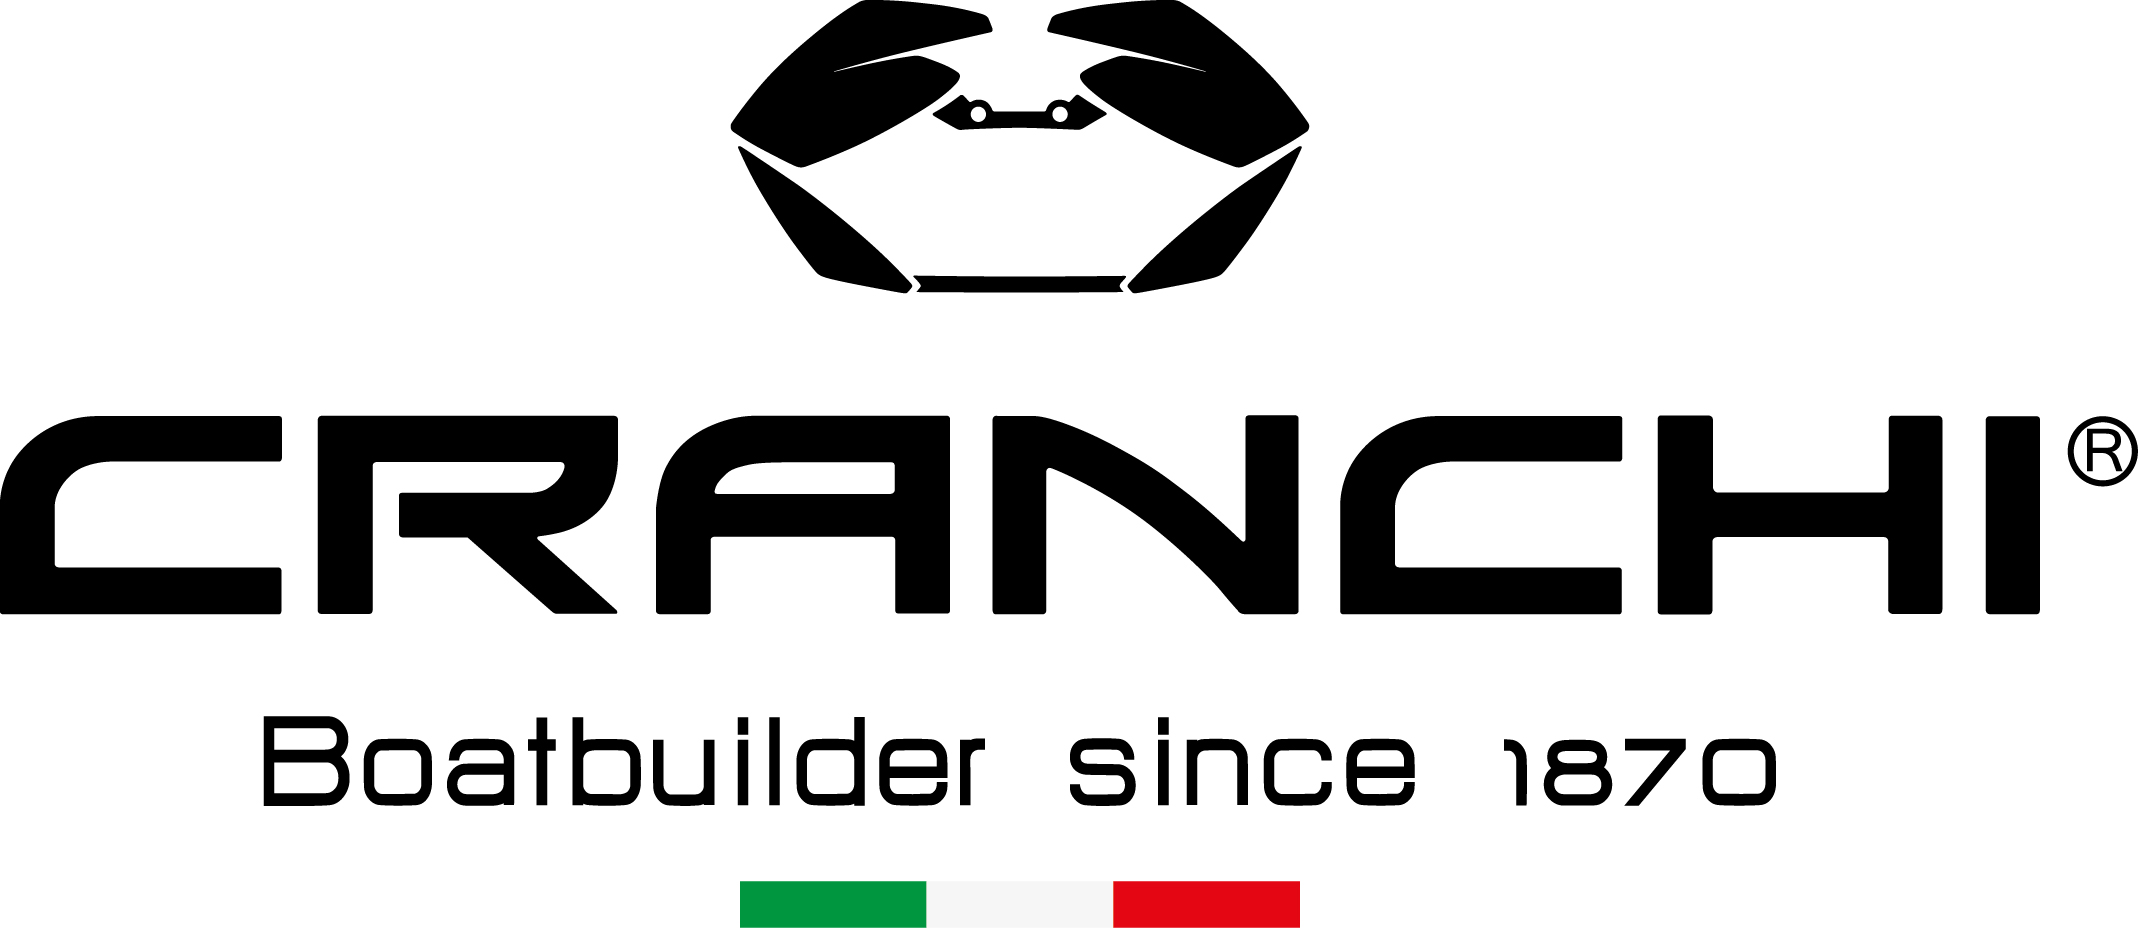 CHANTIER CRANCHI - BATEAUX A MOTEUR ITALIENS